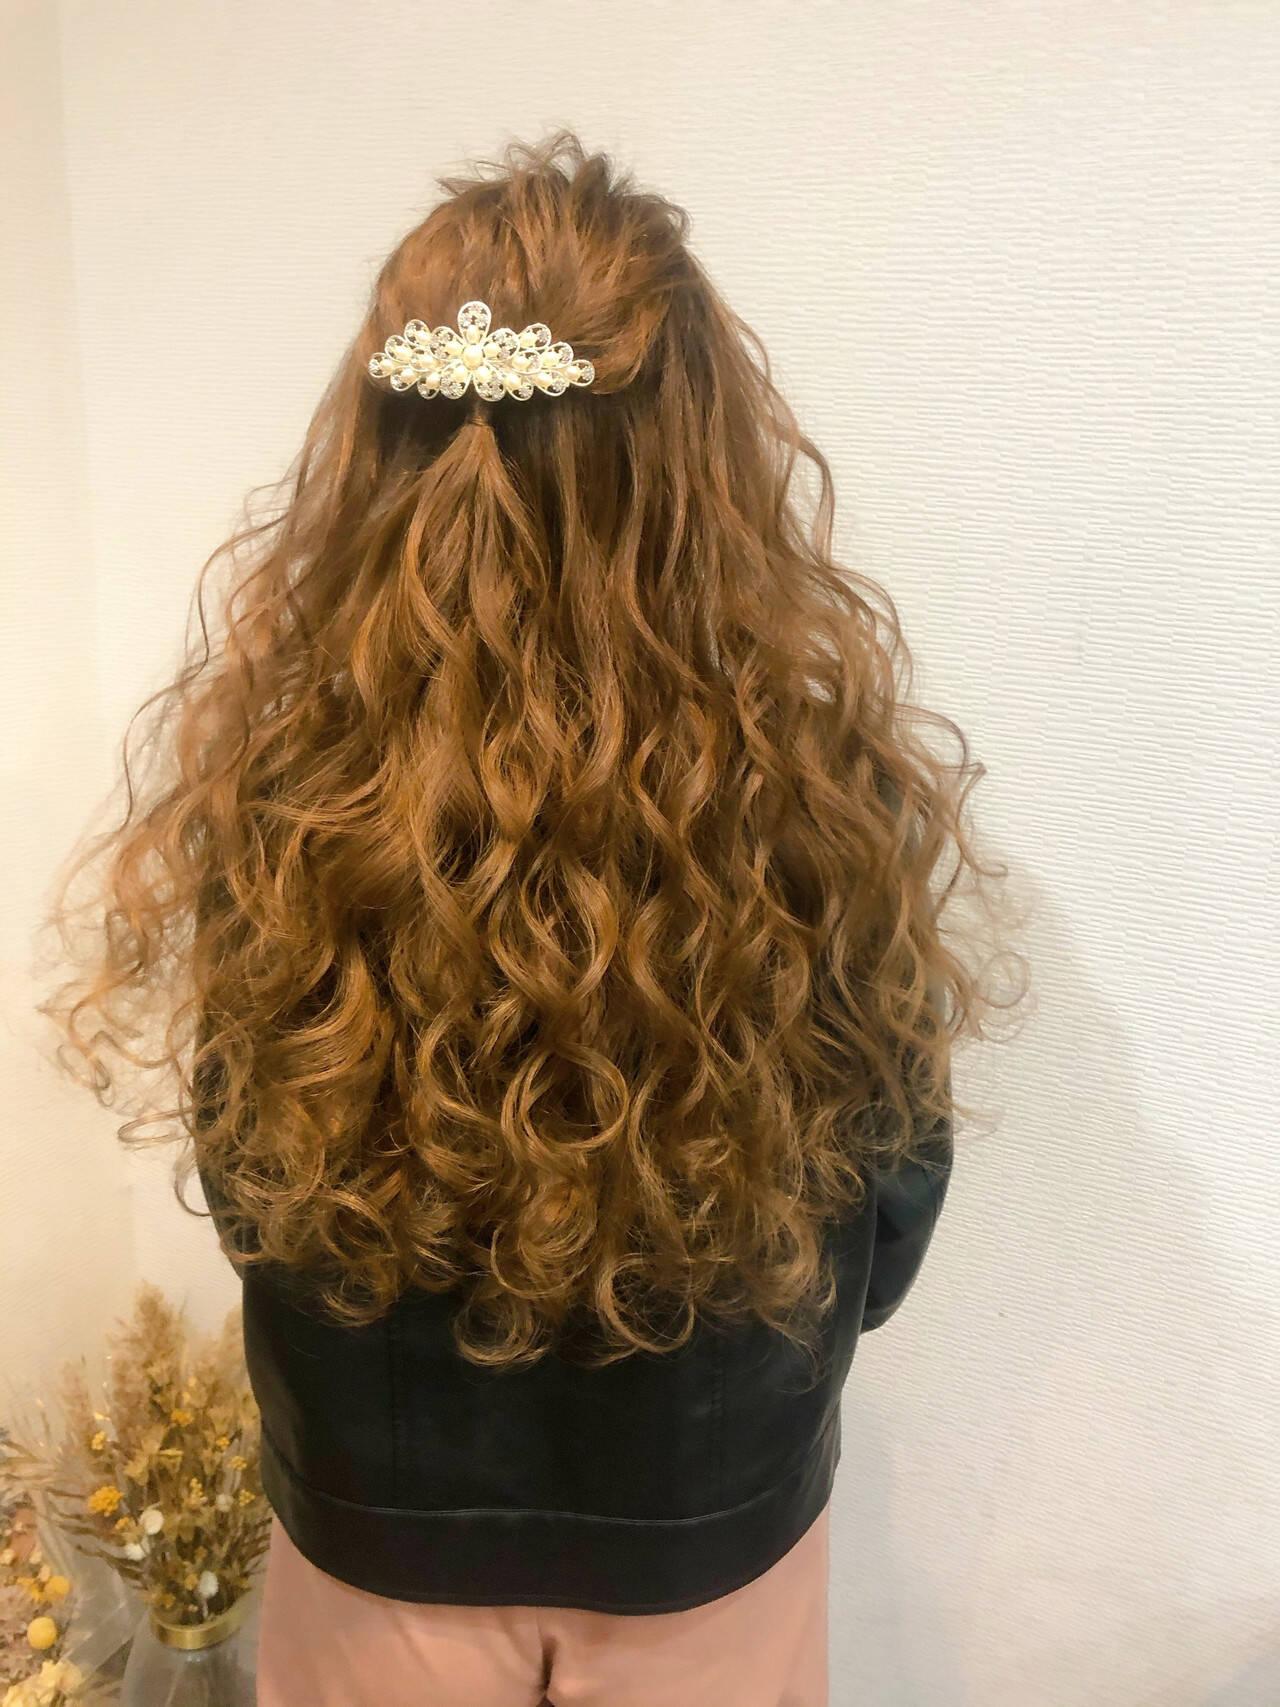 ハーフアップ ブライダル 結婚式 ロングヘアスタイルや髪型の写真・画像